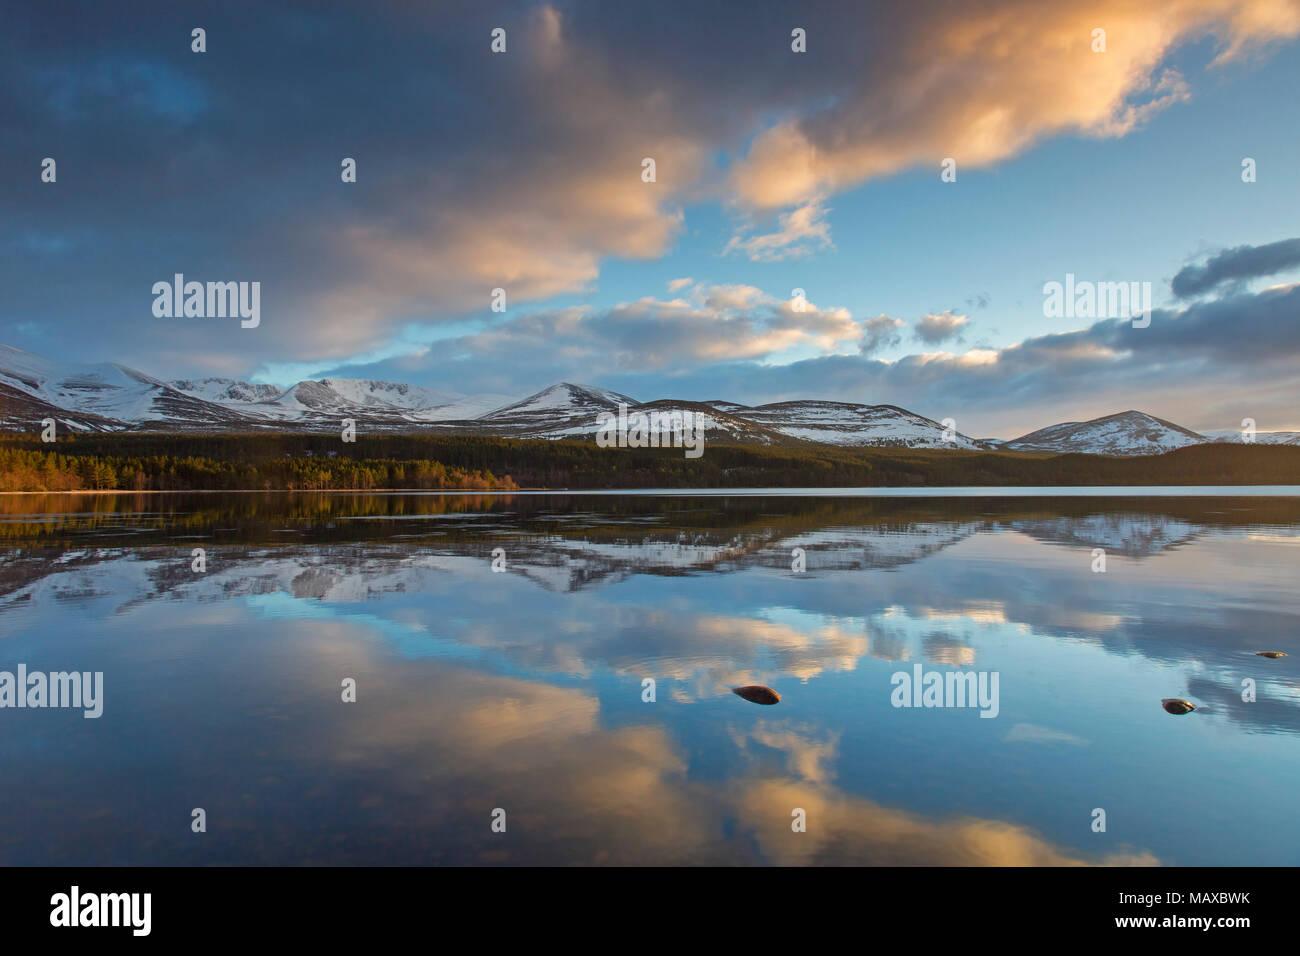 Le Loch Morlich au coucher du soleil en hiver, le Parc National de Cairngorms, Badenoch et Strathspey, Highland, Scotland, UK Photo Stock